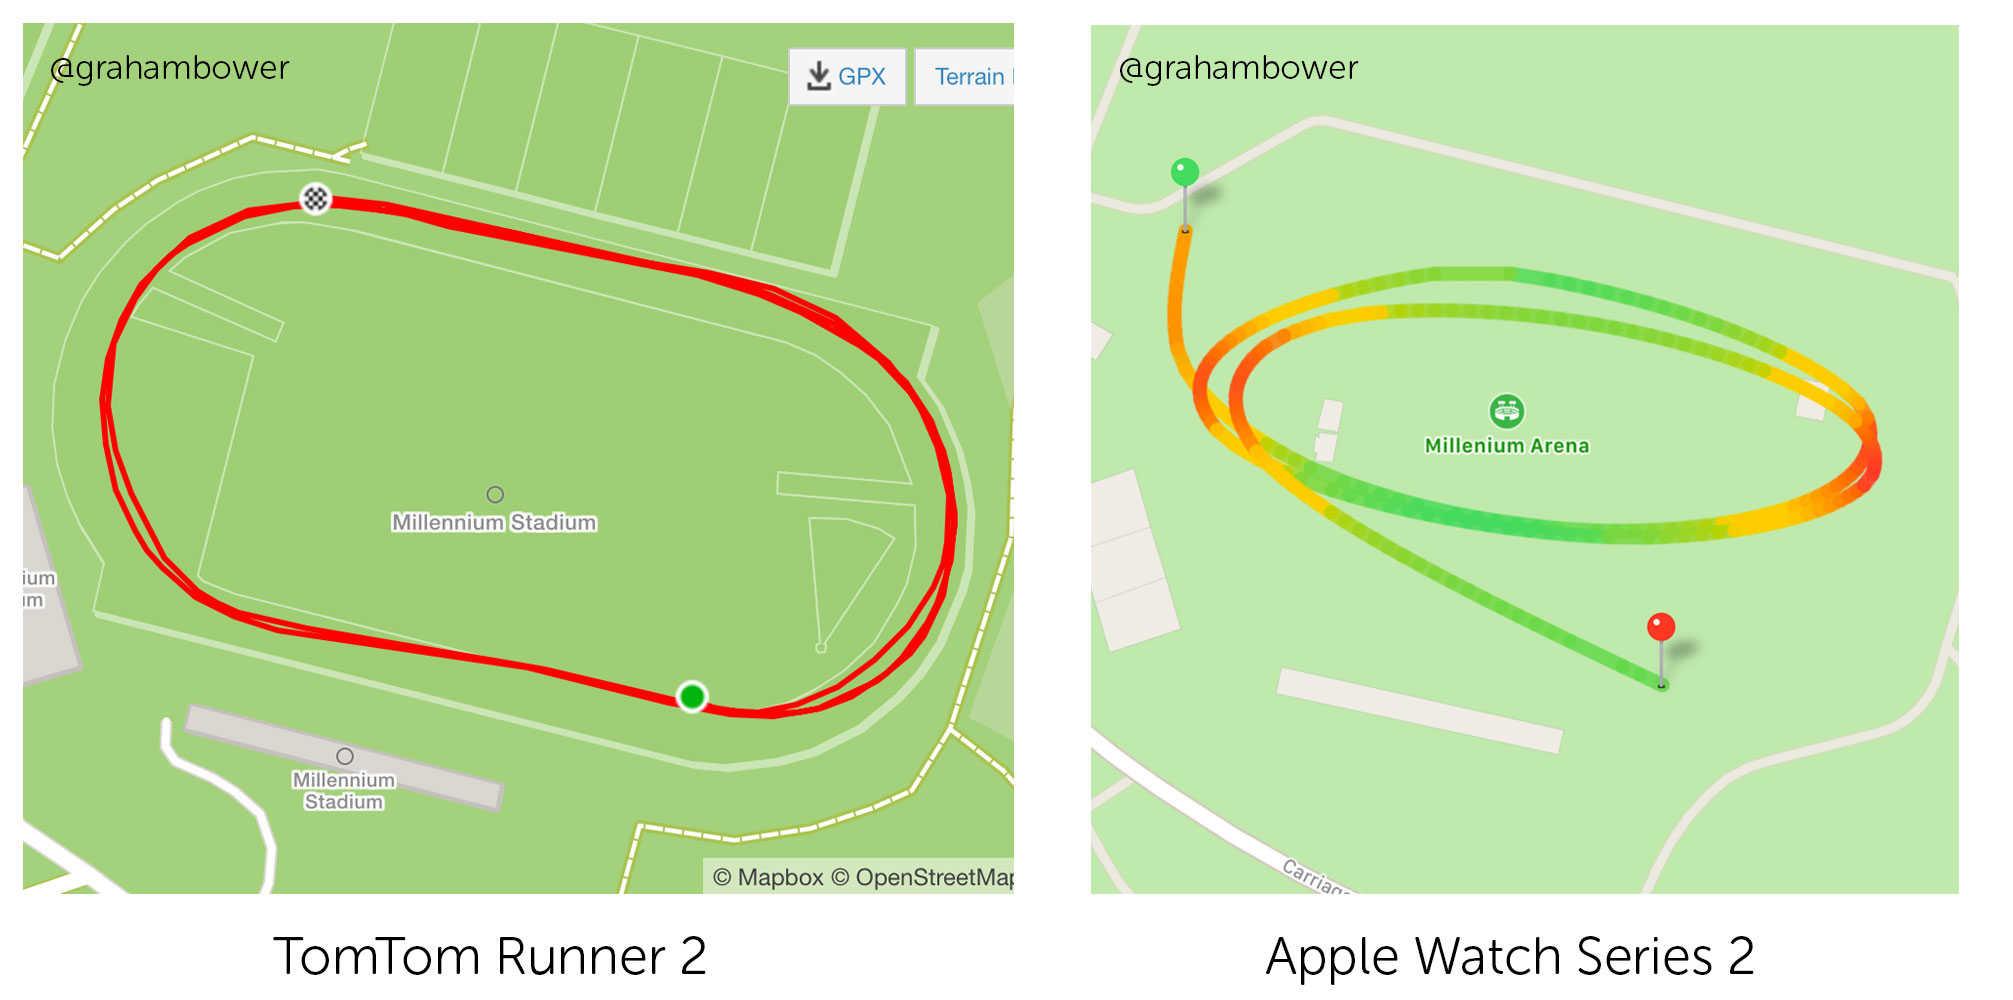 Il GPS di Apple Watch 4 è più preciso nel monitorare l'itinerario dell'allenamento